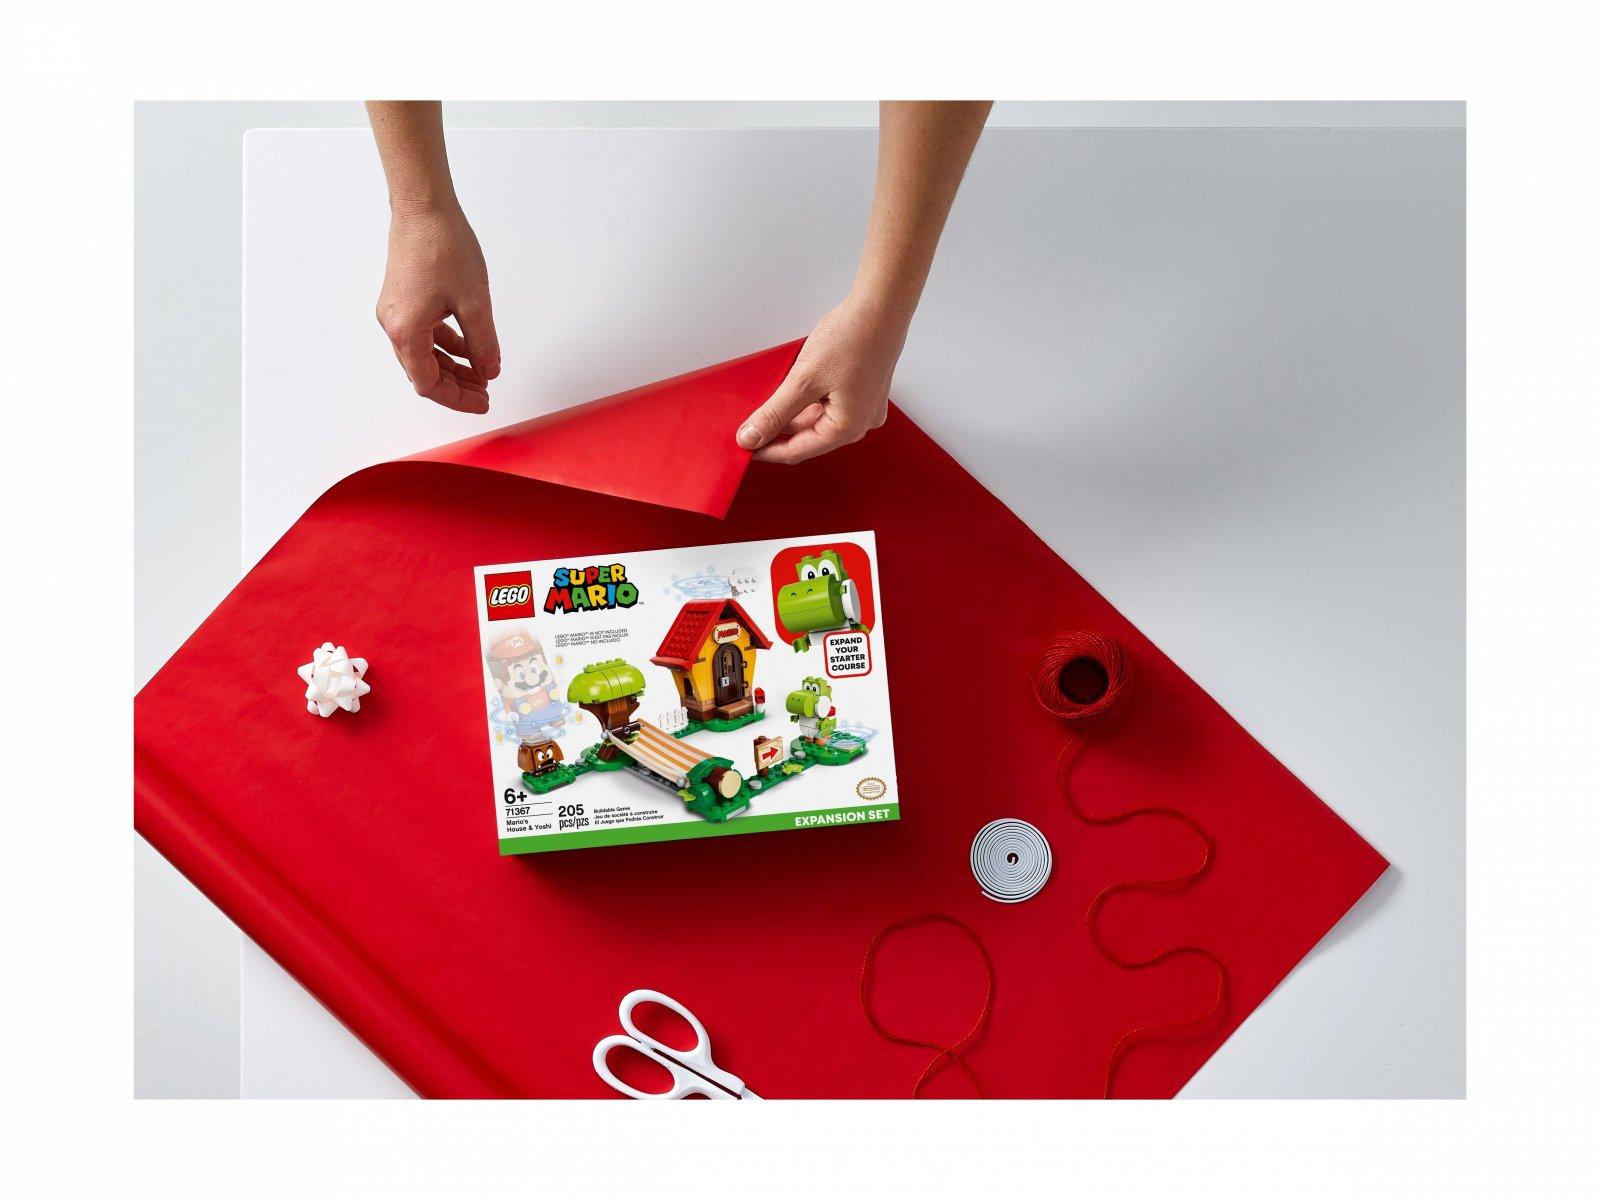 LEGO 71367 Yoshi i dom Mario - zestaw rozszerzający